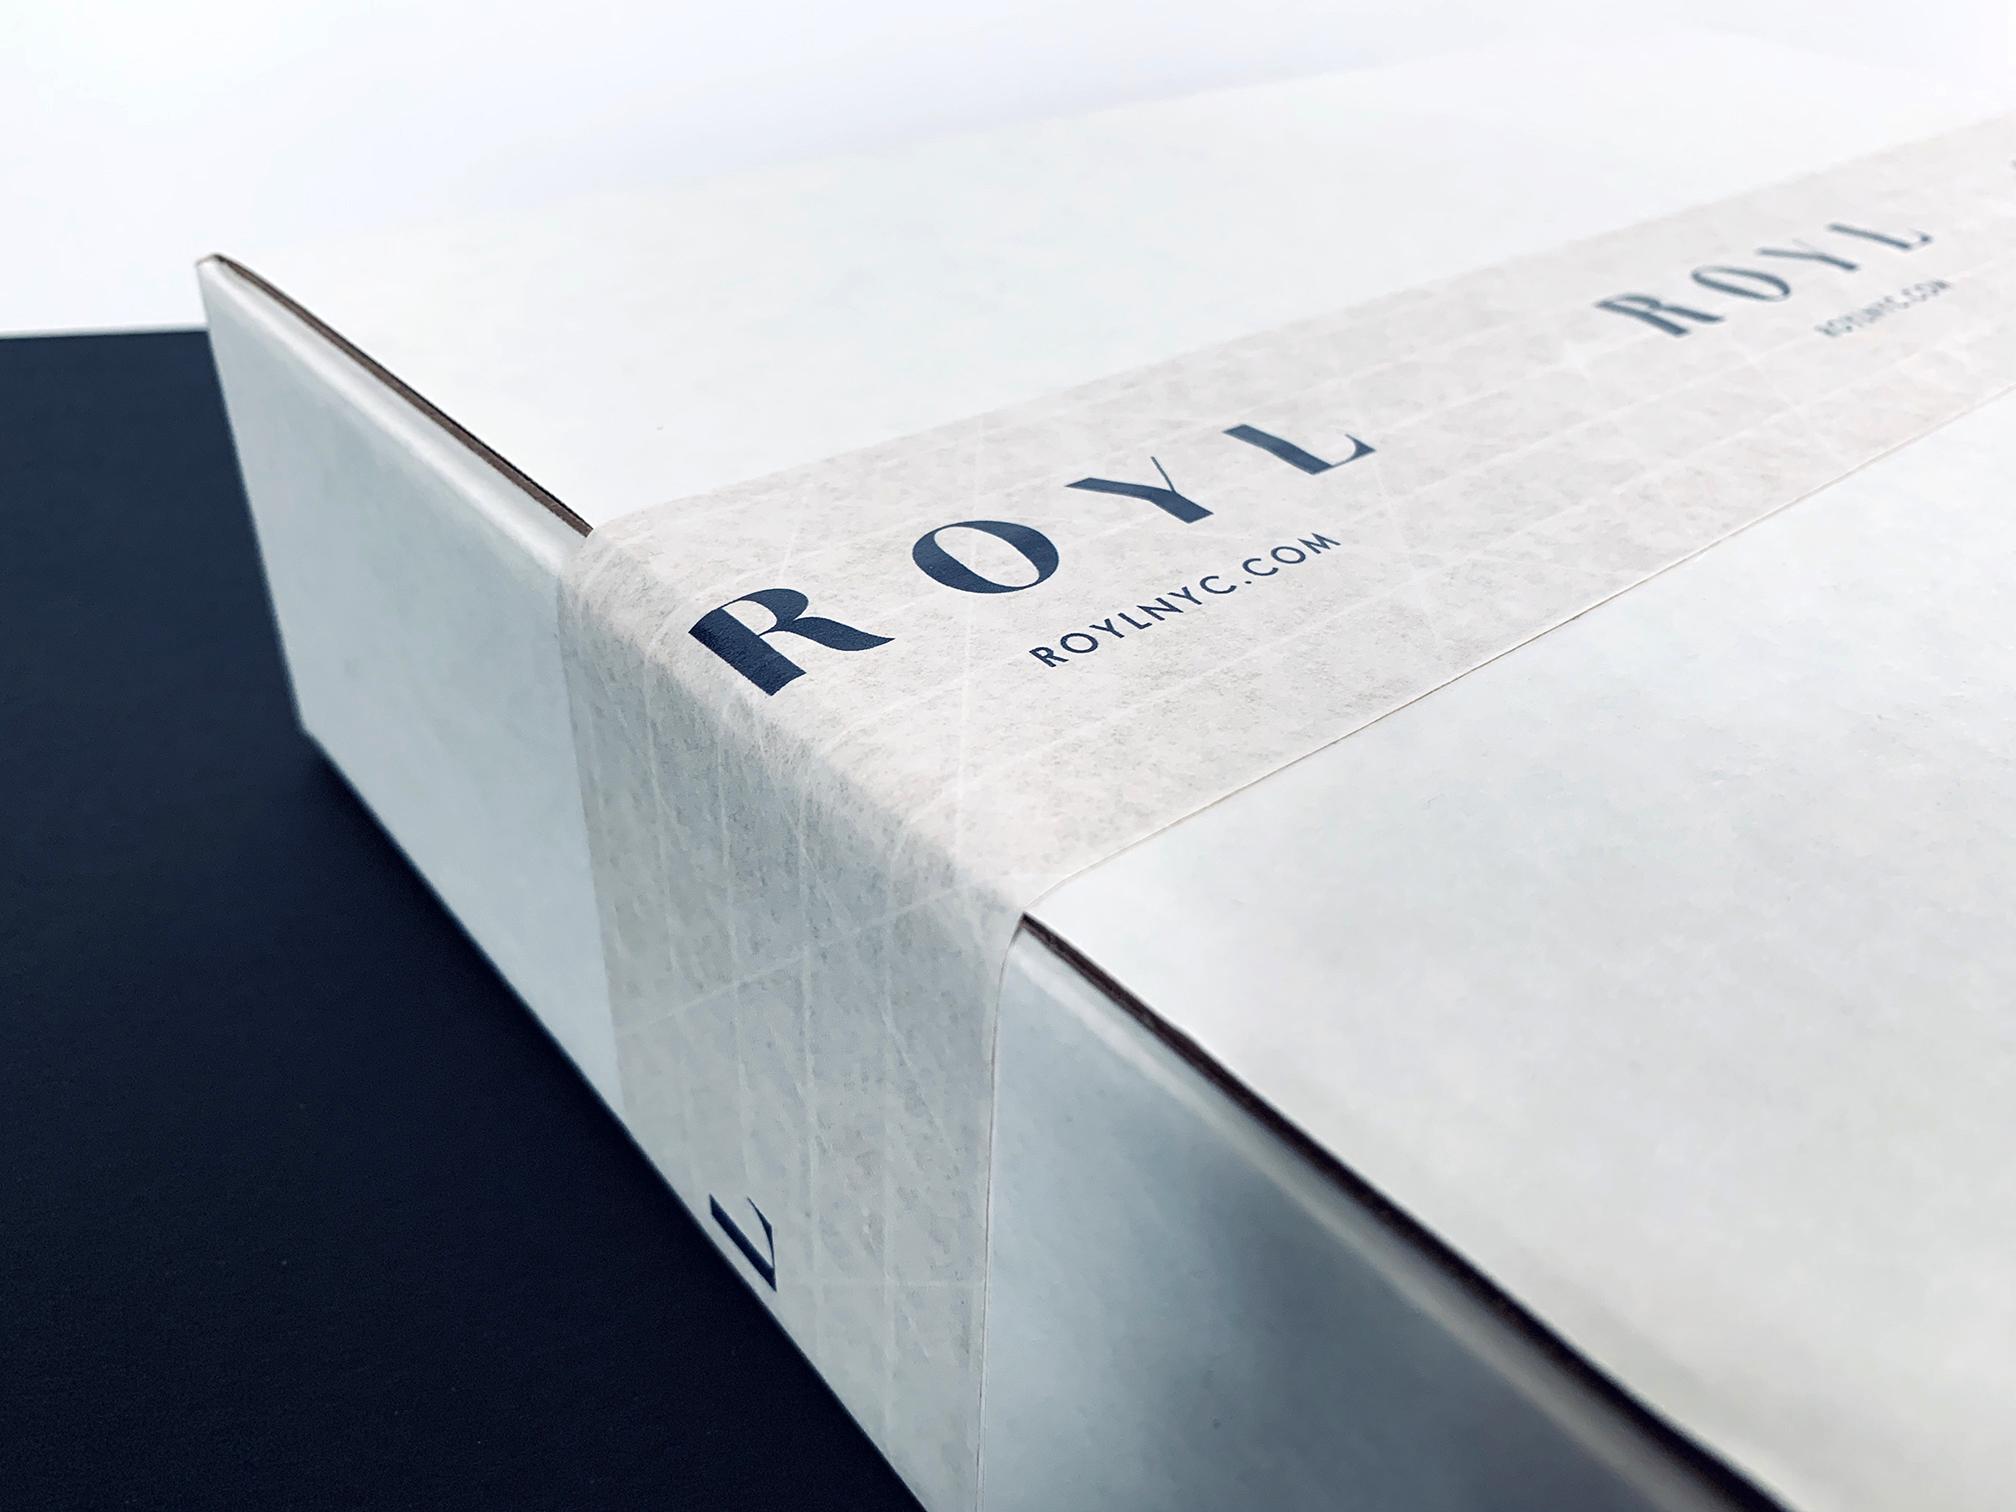 ROYL_box_1_web.jpg